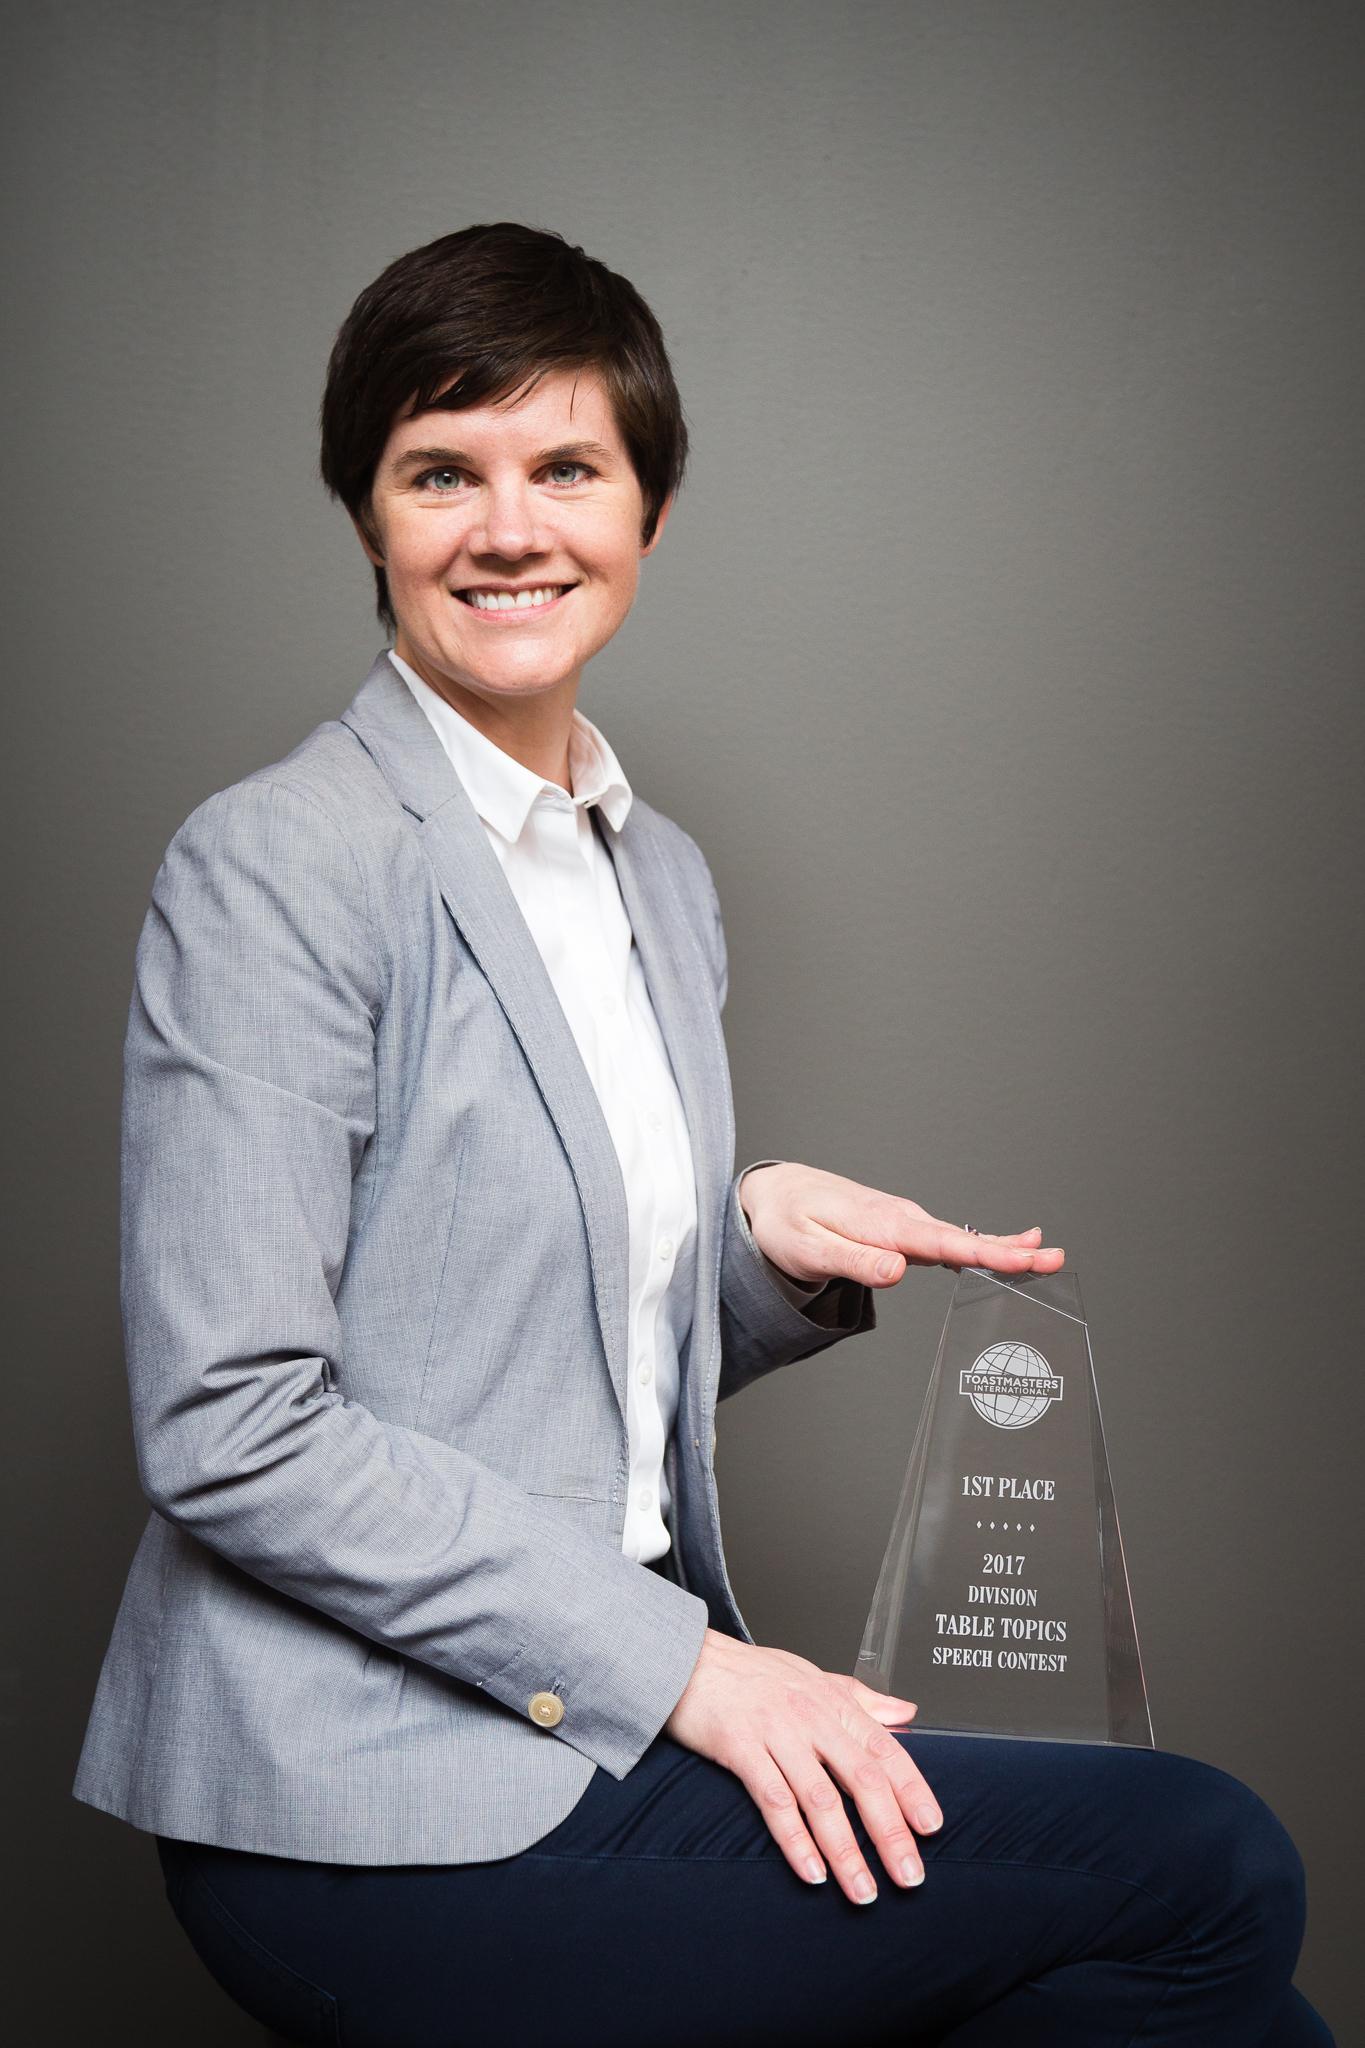 Laura-Rebbe-award.jpg?mtime=201704131343